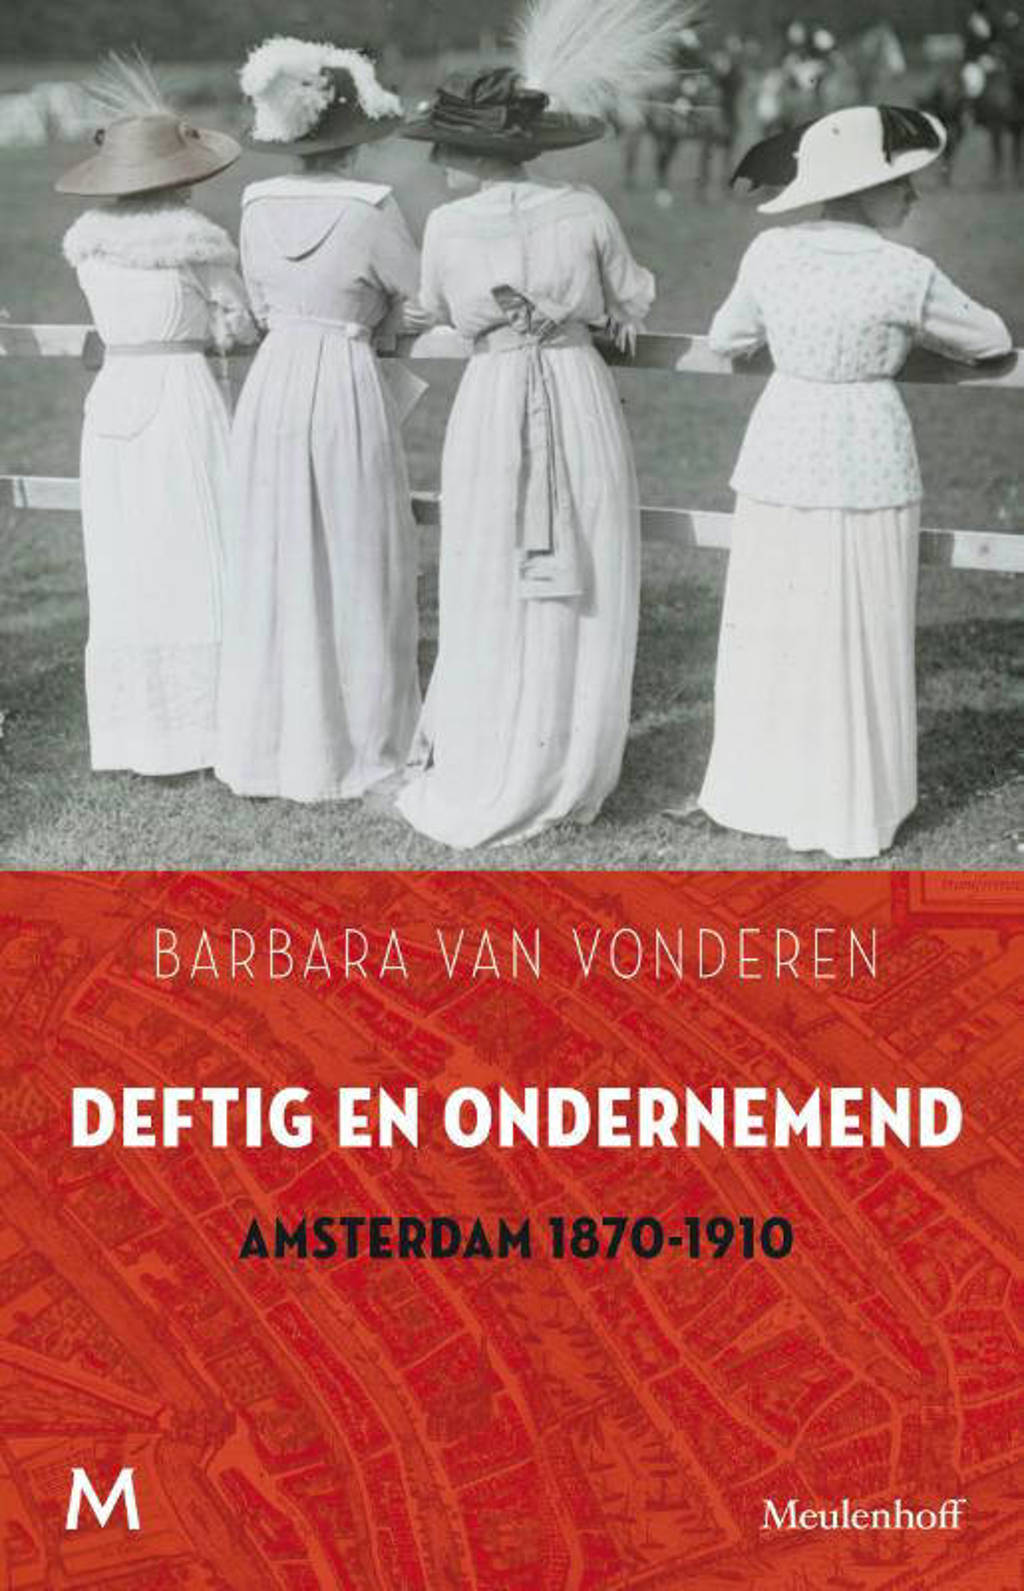 Deftig en ondernemend - Barbara van Vonderen